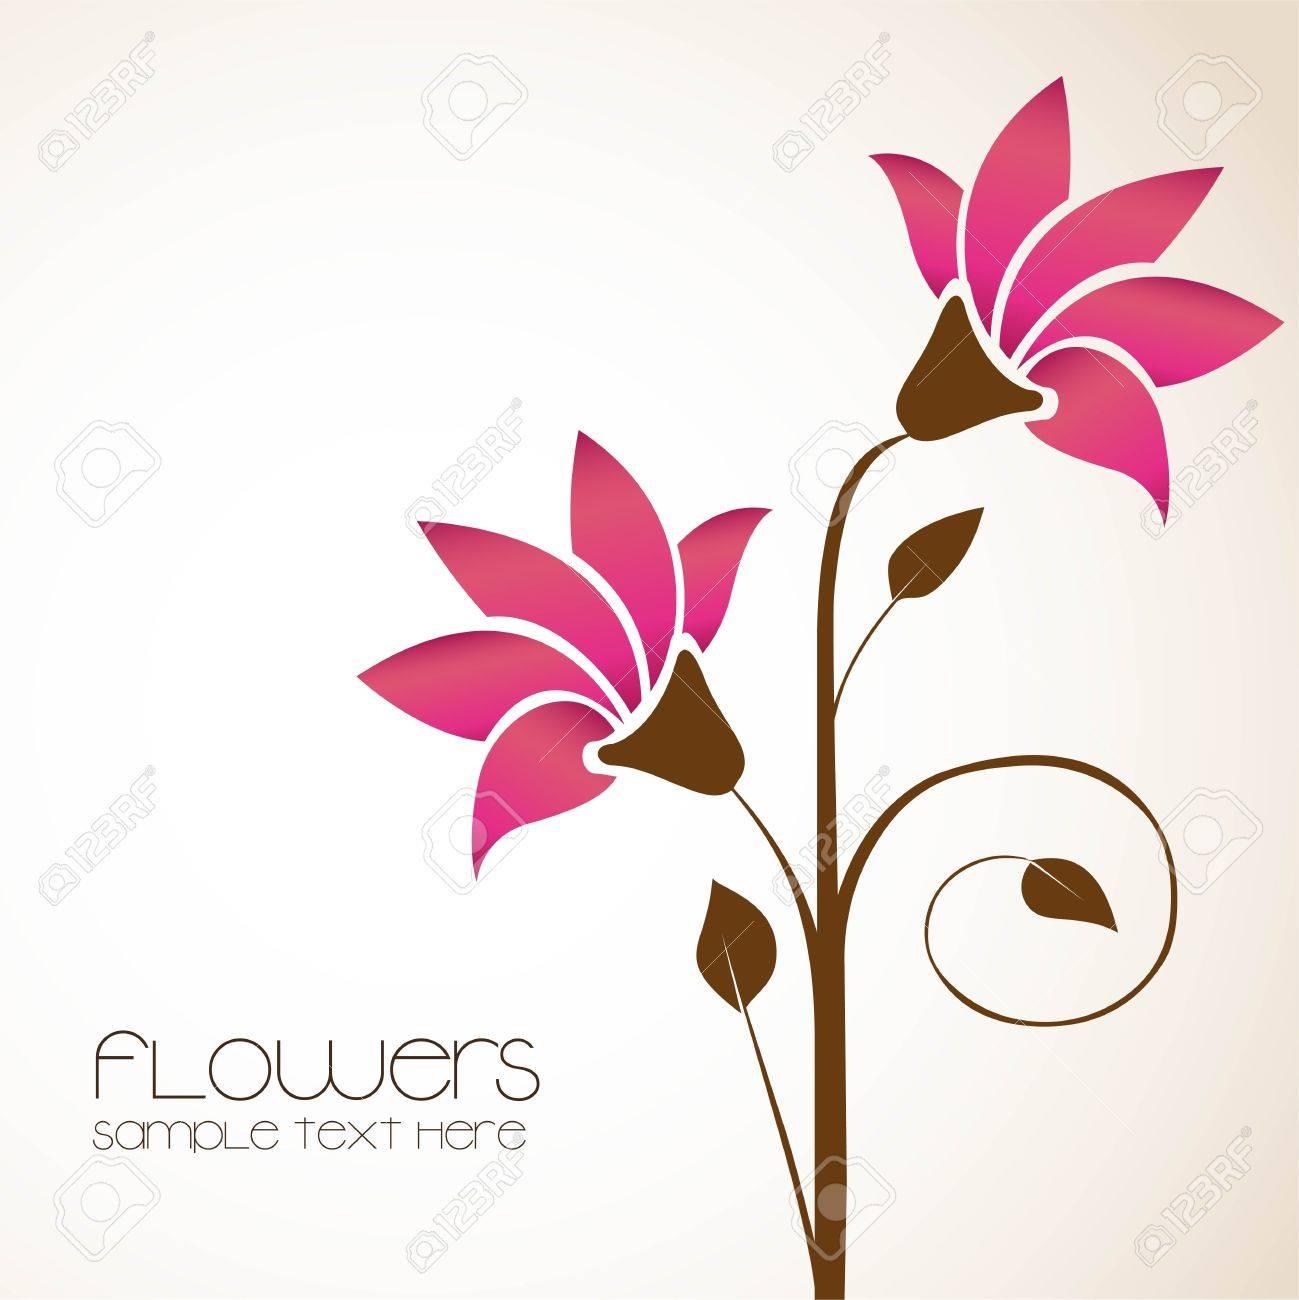 繊細な花イラスト シンプル背景のイラスト素材ベクタ Image 14381486